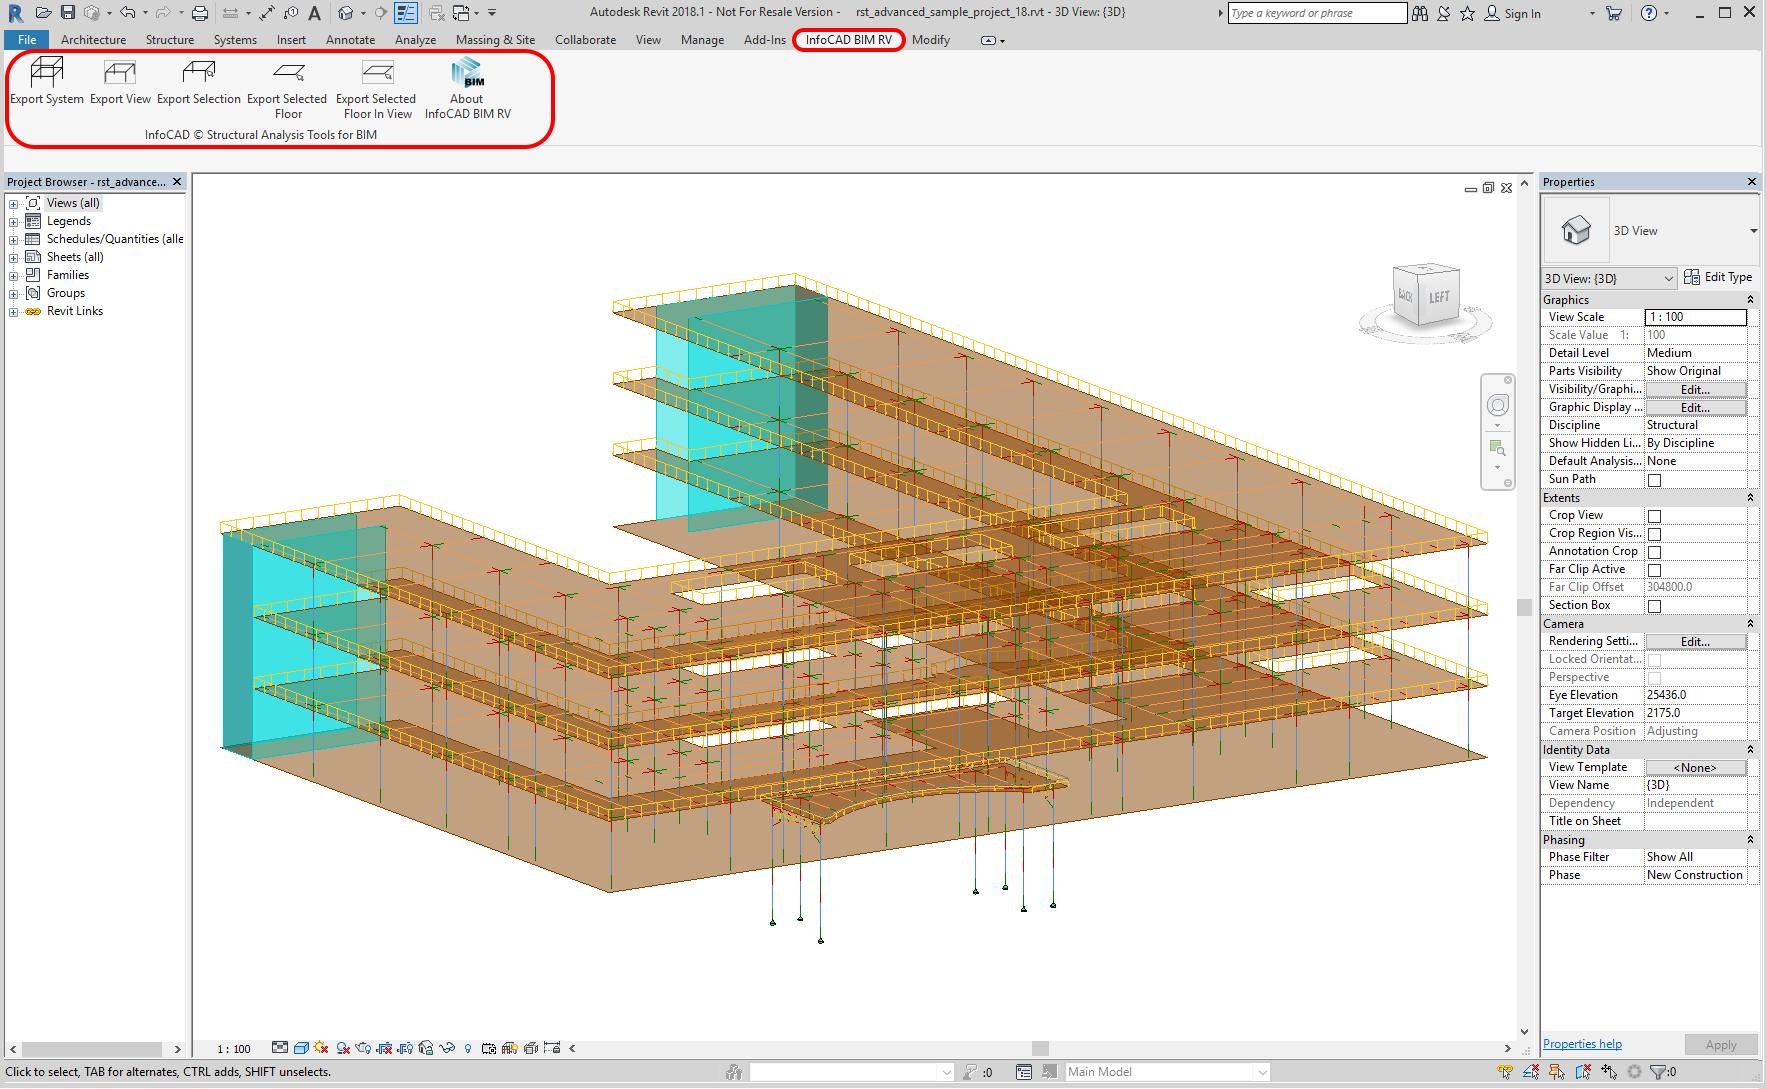 Add-In for Autodesk® Revit® | InfoGraph Software für die